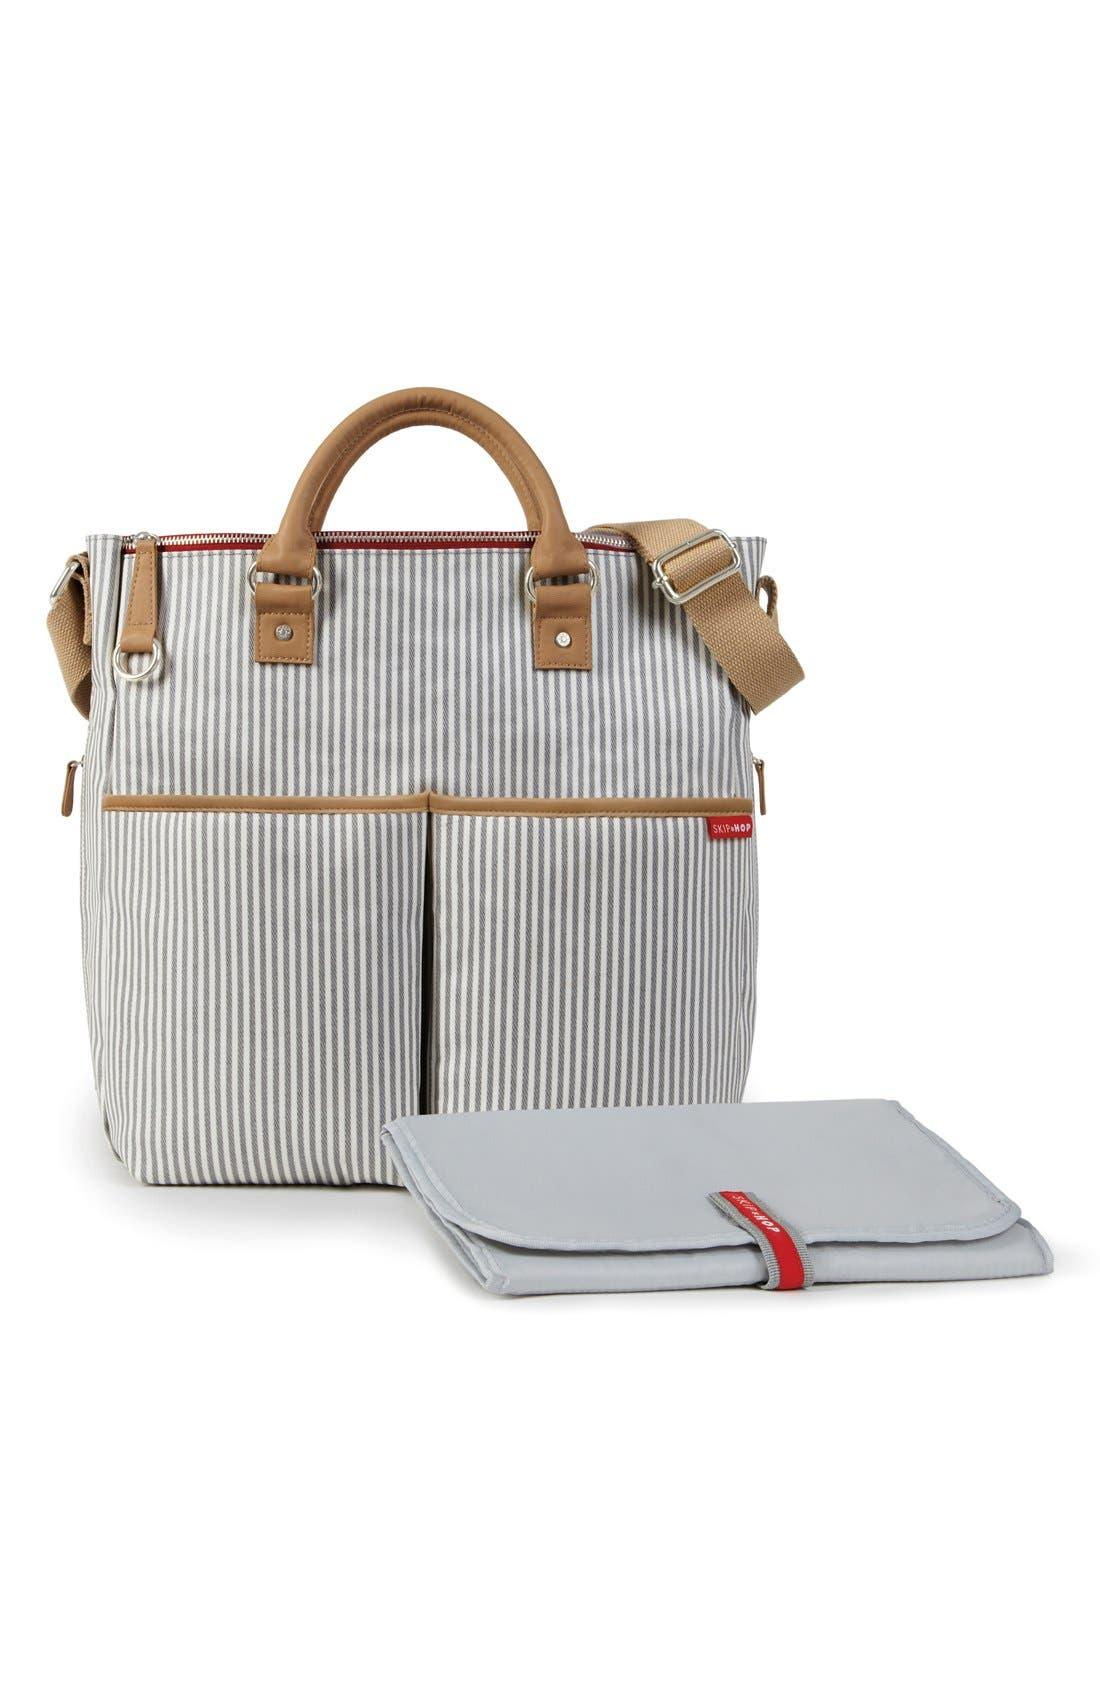 Alternate Image 1 Selected - Skip Hop 'Duo' Diaper Bag (Nordstrom Exclusive)